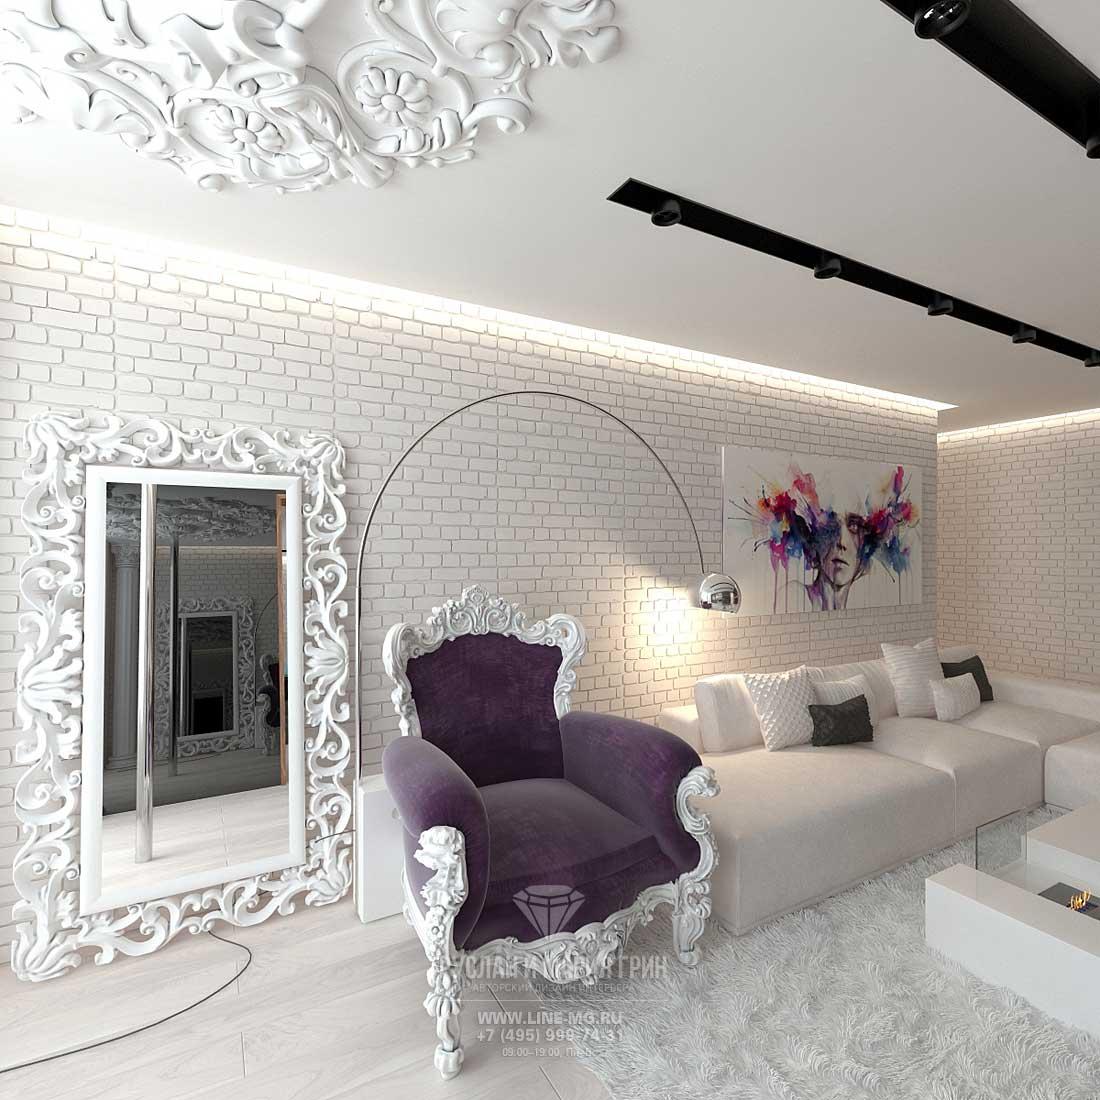 Дизайнерский ремонт квартиры под ключ в современном стиле. Фото интерьера